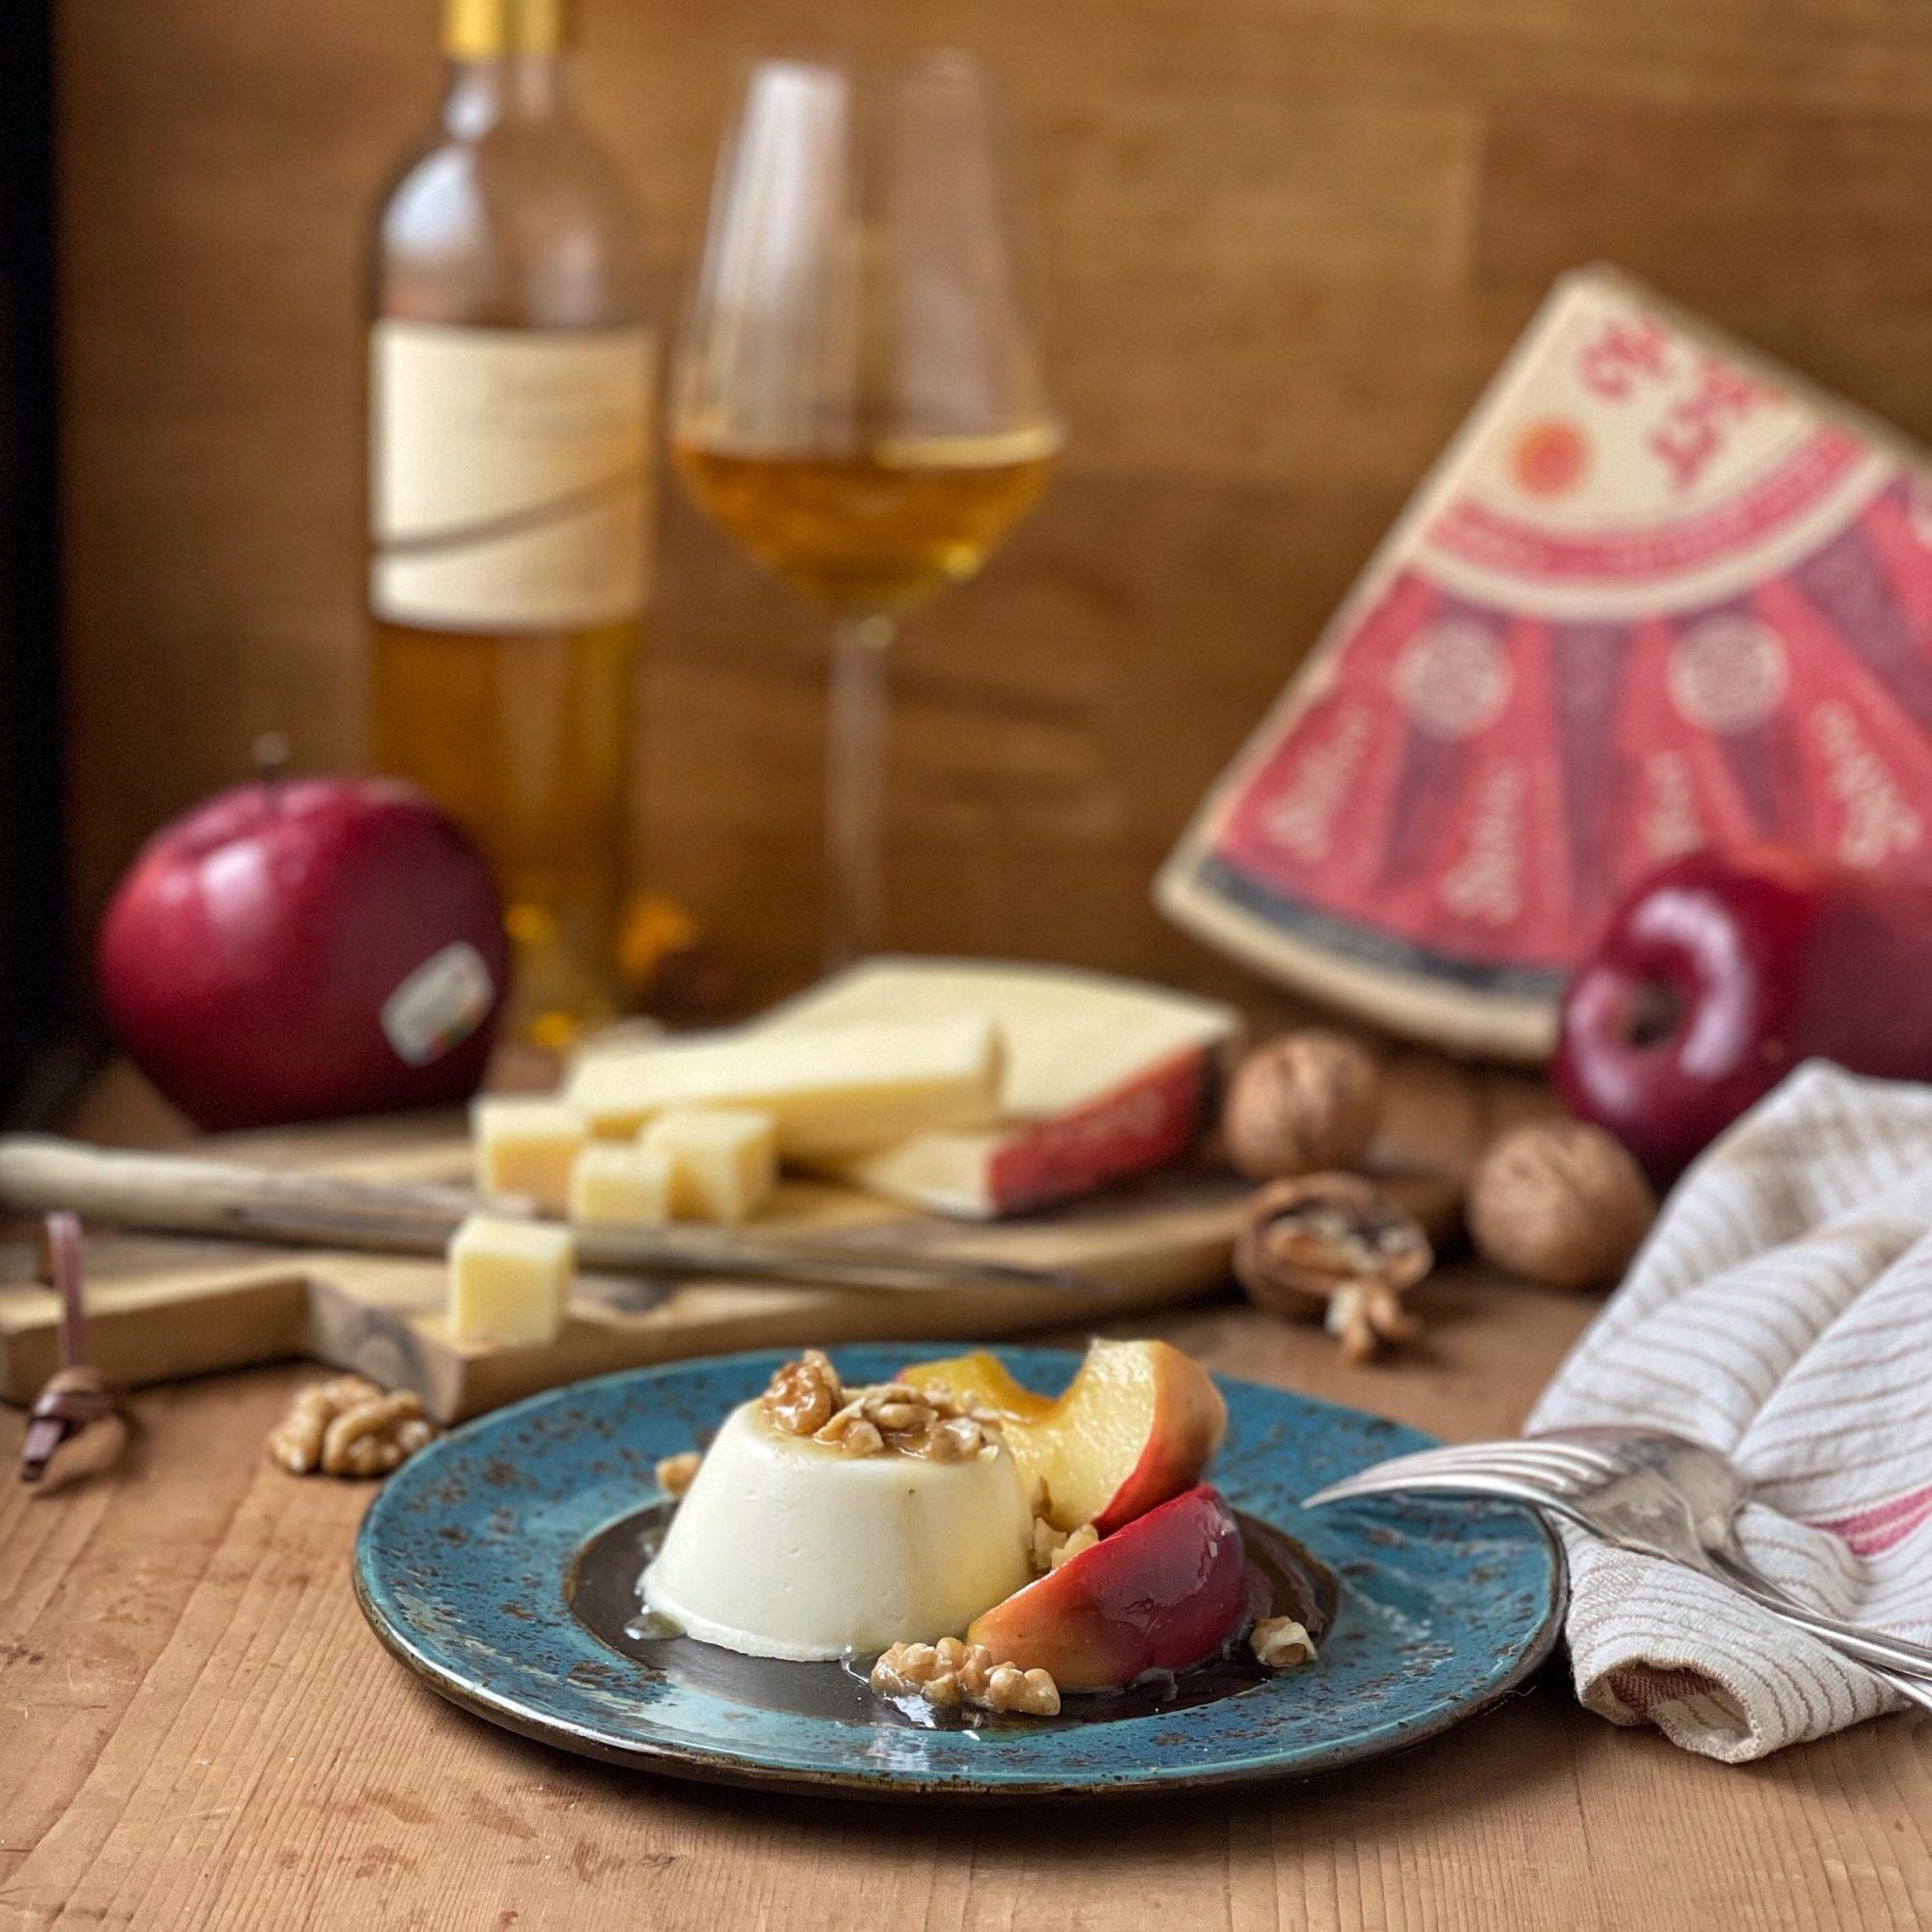 Panna cotta salata al formaggio Stelvio con mele caramellate